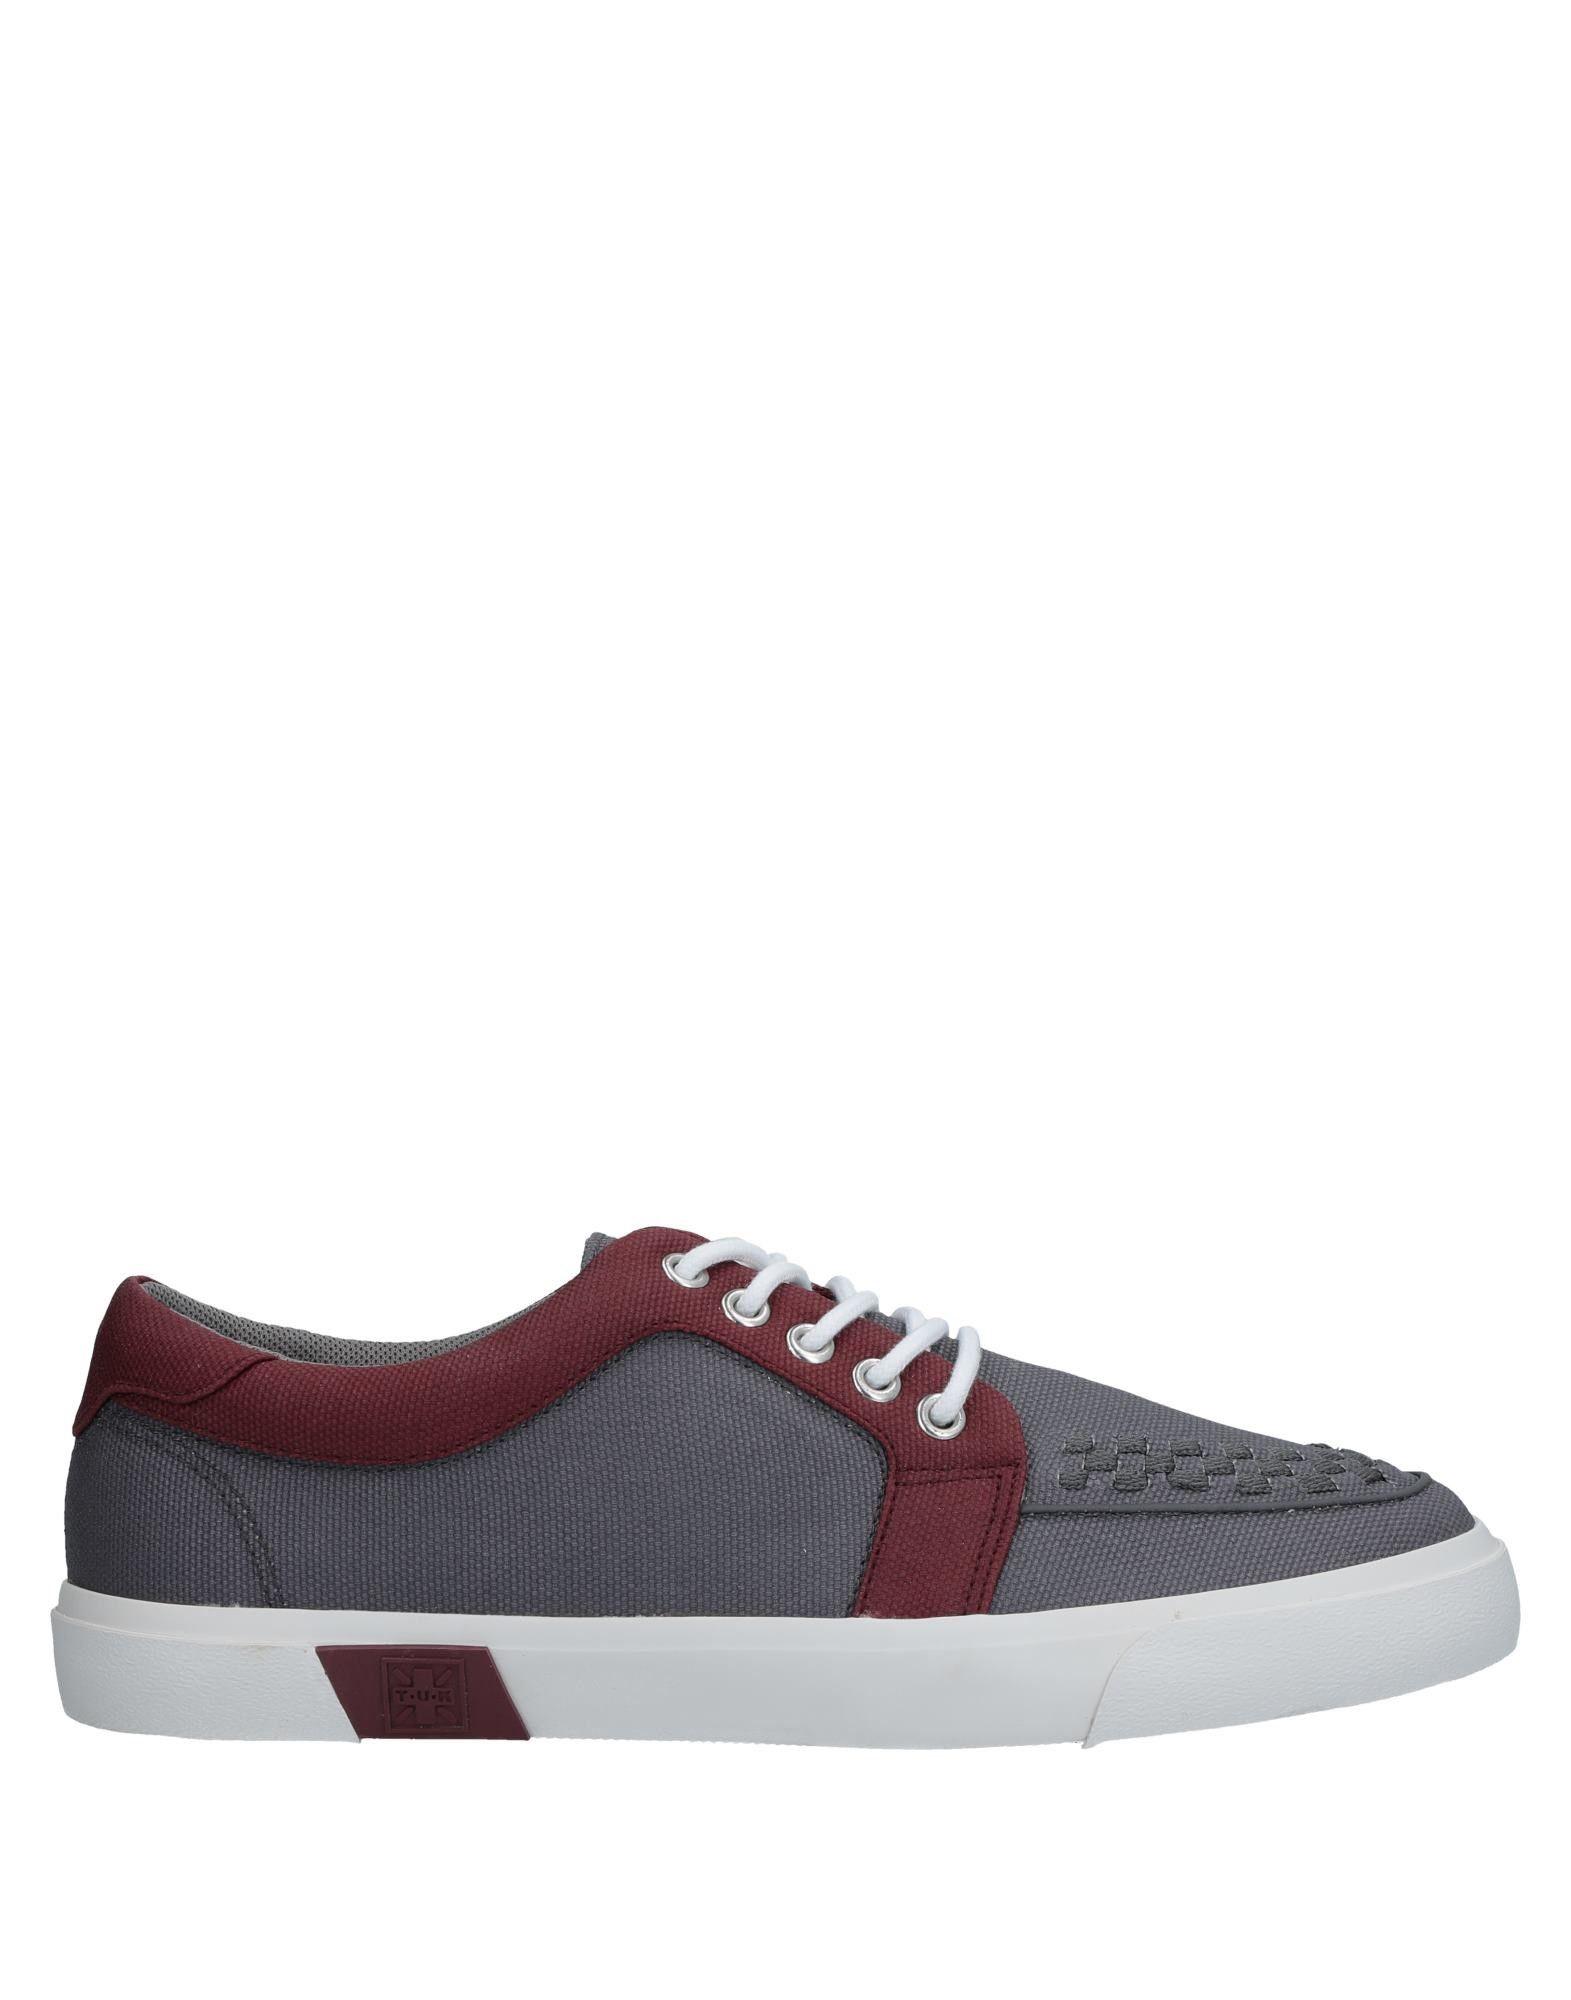 Sneakers T.U.K Uomo - 11528287VI Scarpe economiche e buone